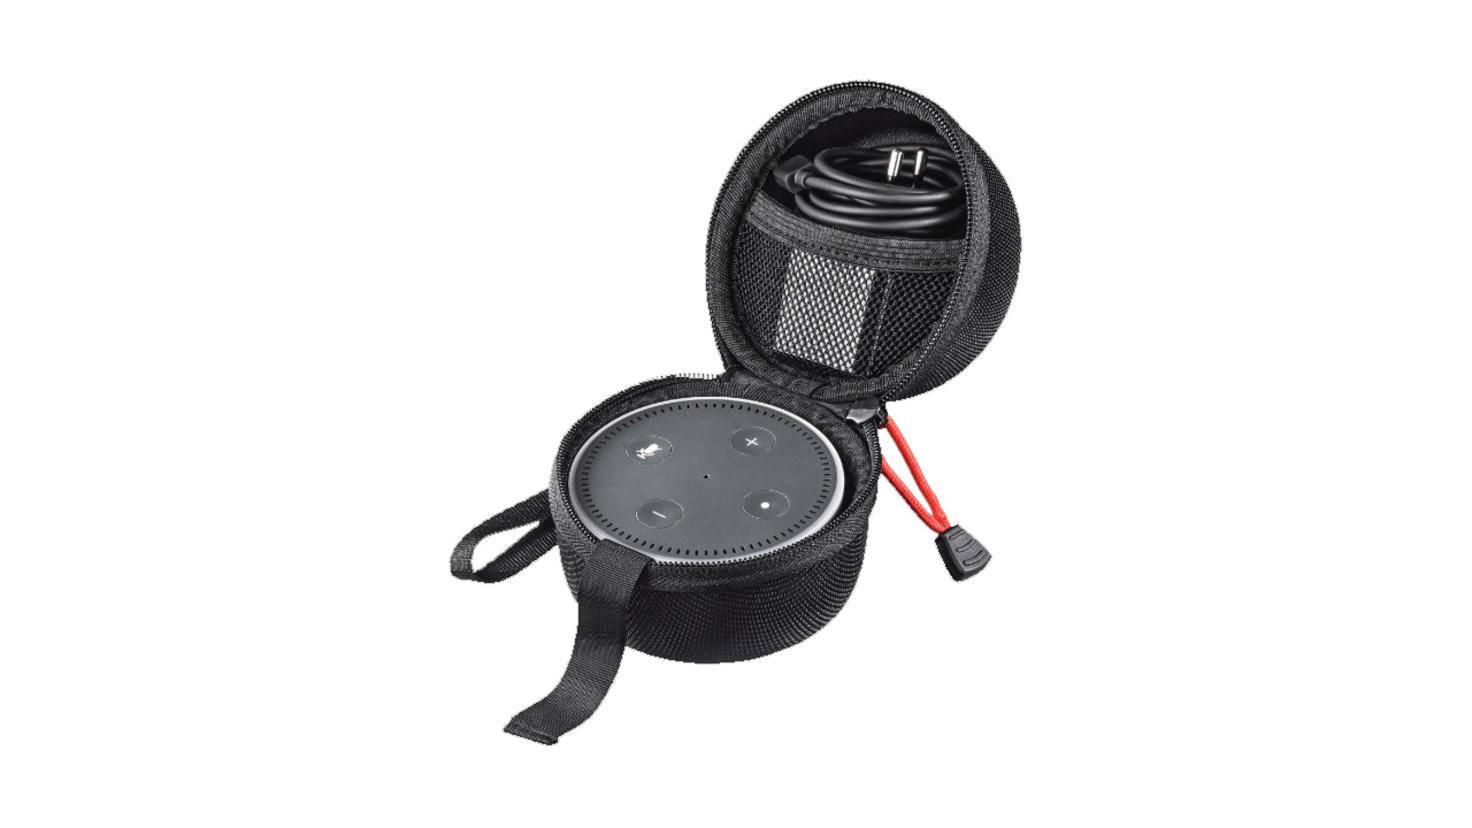 alexa zubeh r die sieben besten gadgets f r den smart speaker. Black Bedroom Furniture Sets. Home Design Ideas